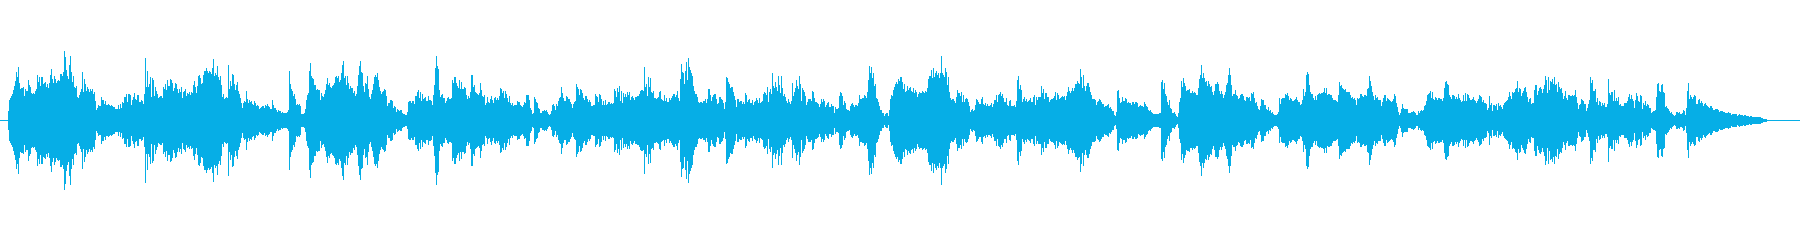 ハミングで生演奏のボサノヴァの再生済みの波形